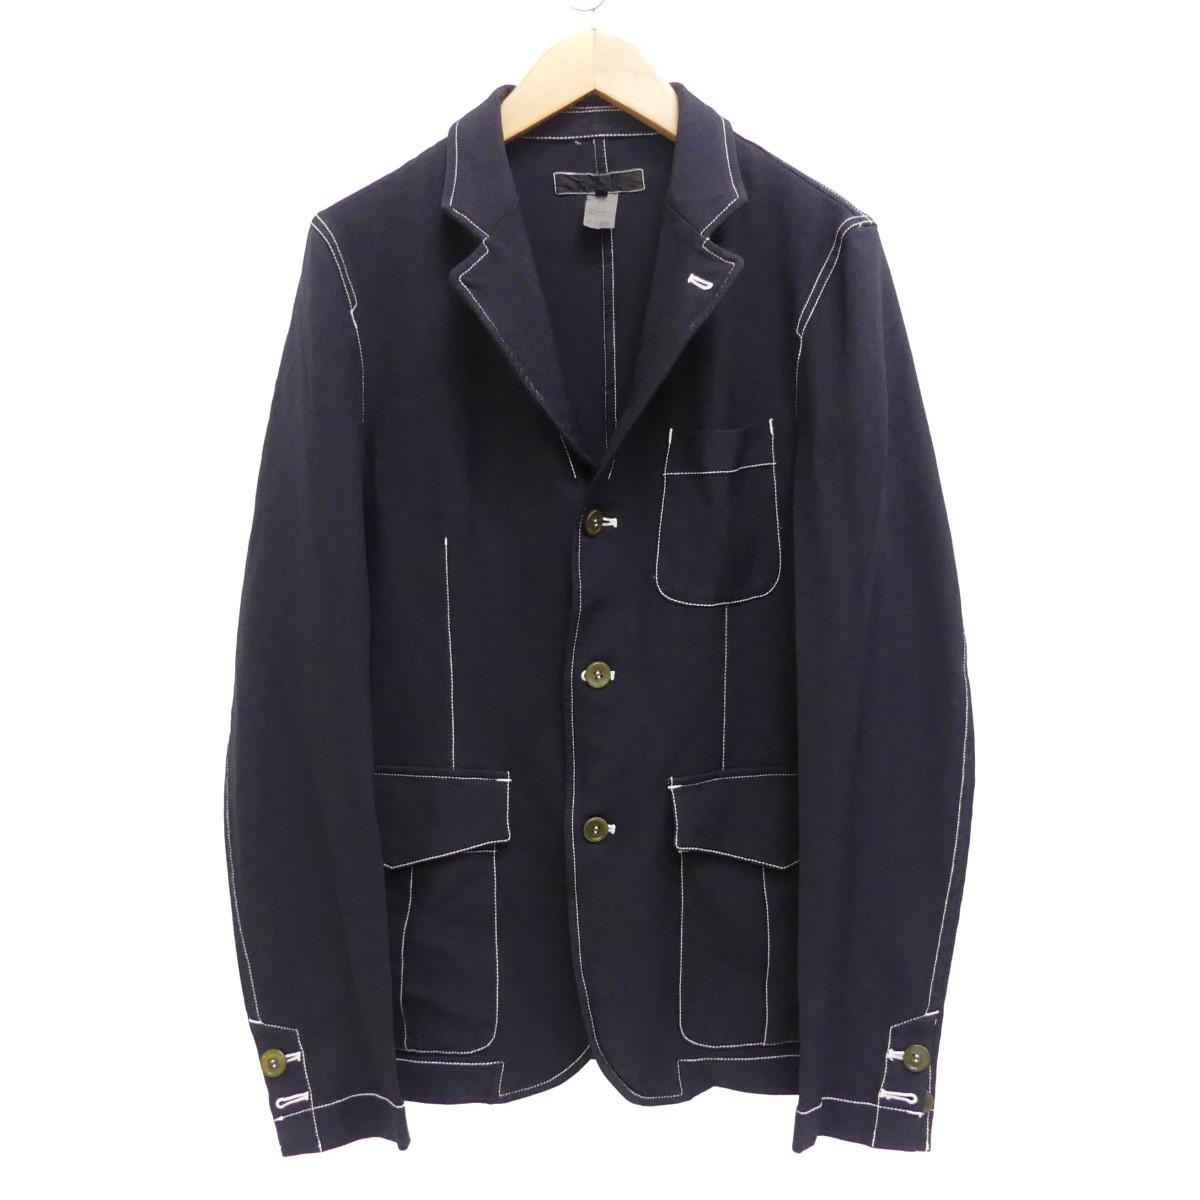 【中古】COMME des GARCONS SHIRT 16AW ポリステッチジャケット ネイビー サイズ:S 【260520】(コムデギャルソンシャツ)